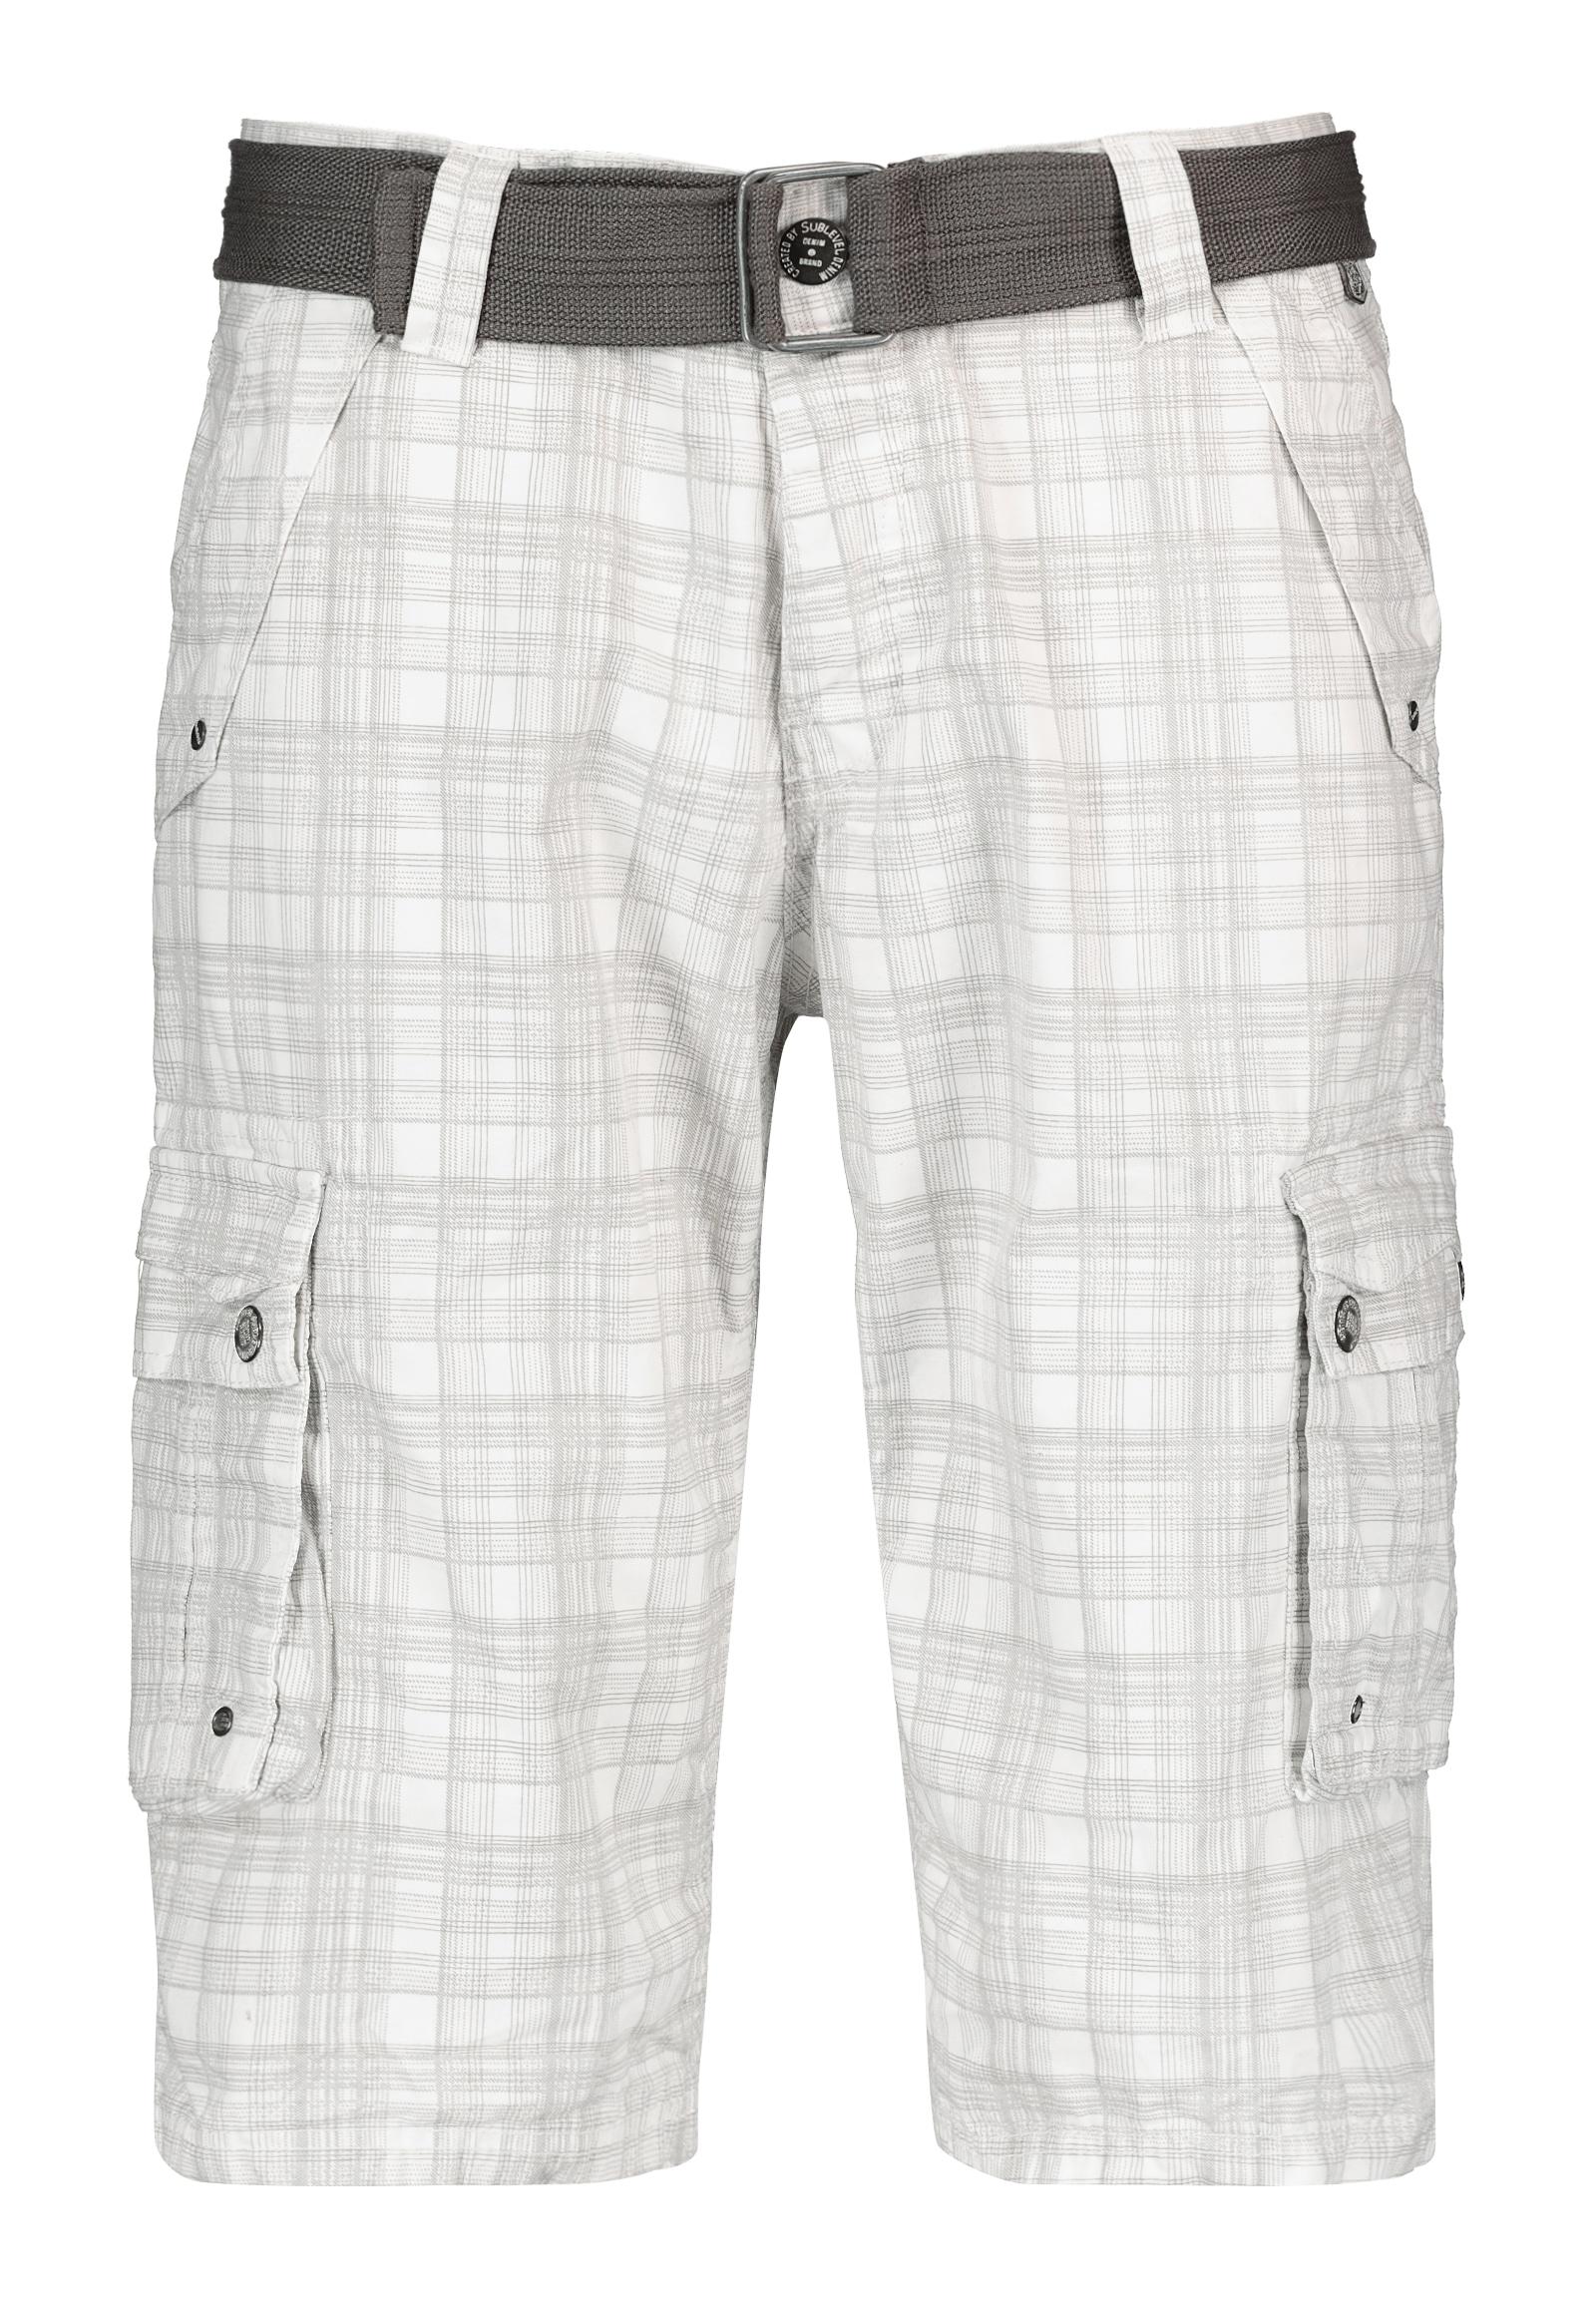 SUBLEVEL Cargoshorts | Bekleidung > Shorts & Bermudas > Shorts | Sublevel